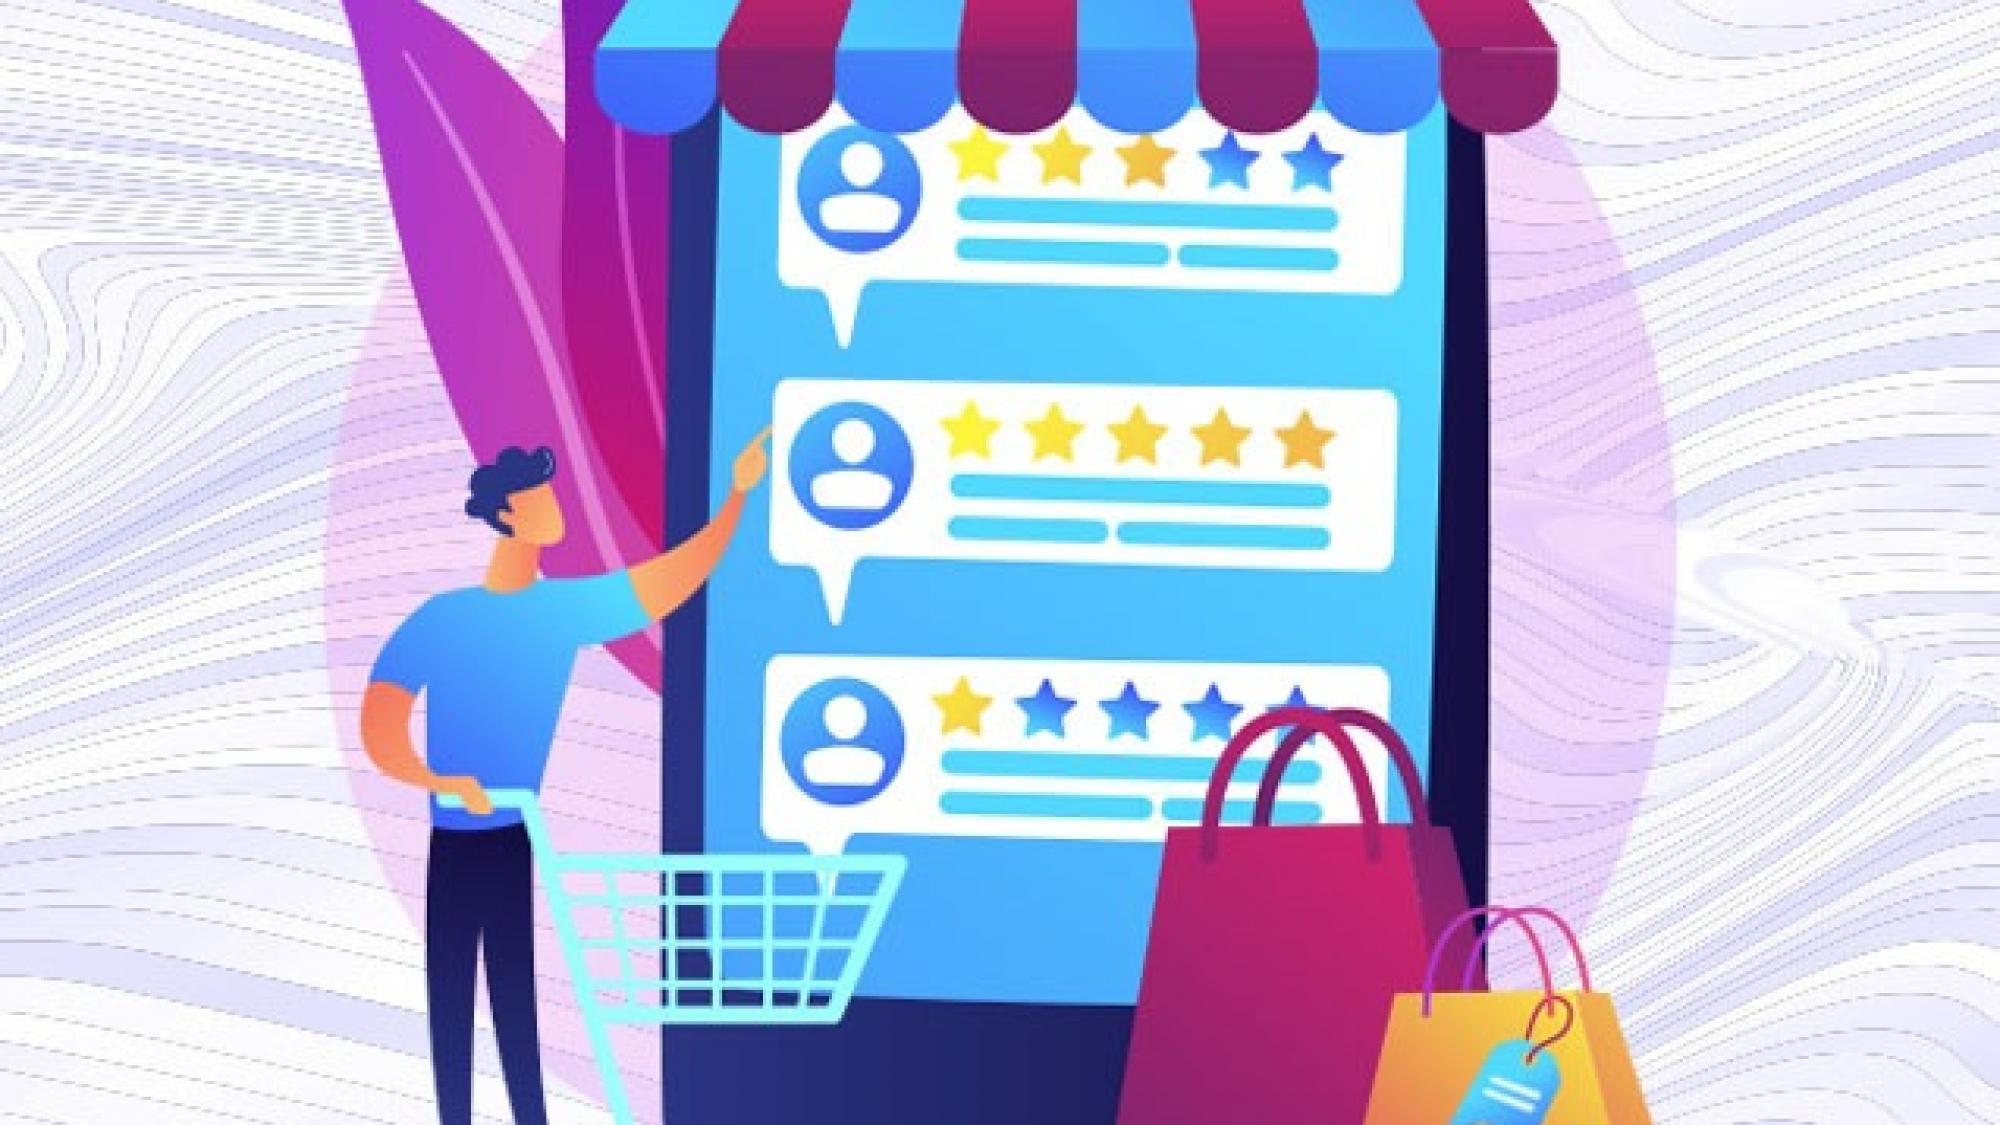 مزایای فروشگاه اینترنتی